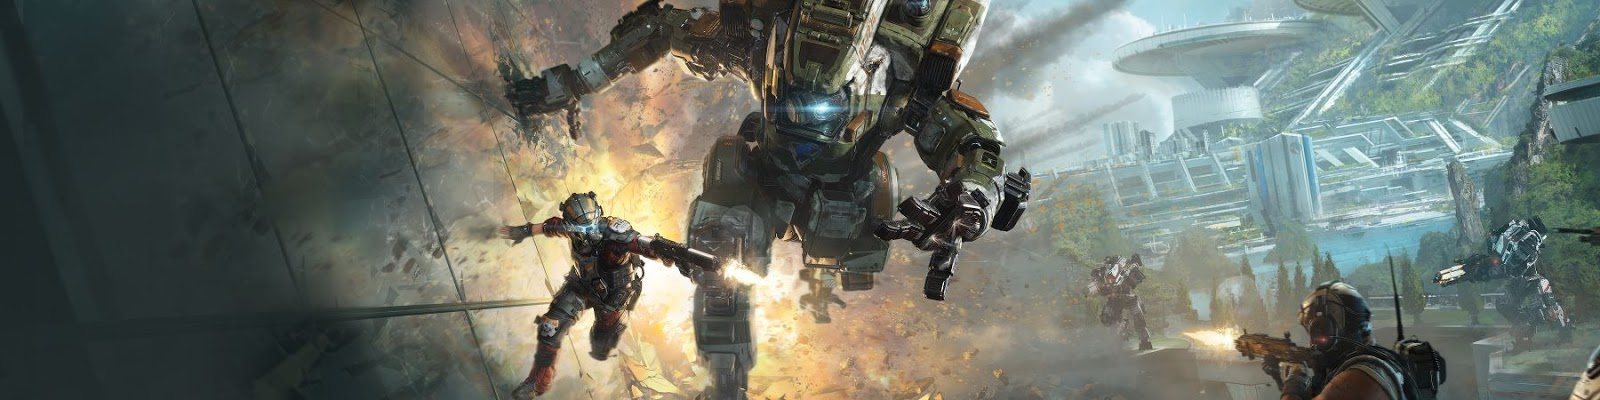 Titanfall 2 se añadirá a EA Access y Origin Access este 1 de agosto